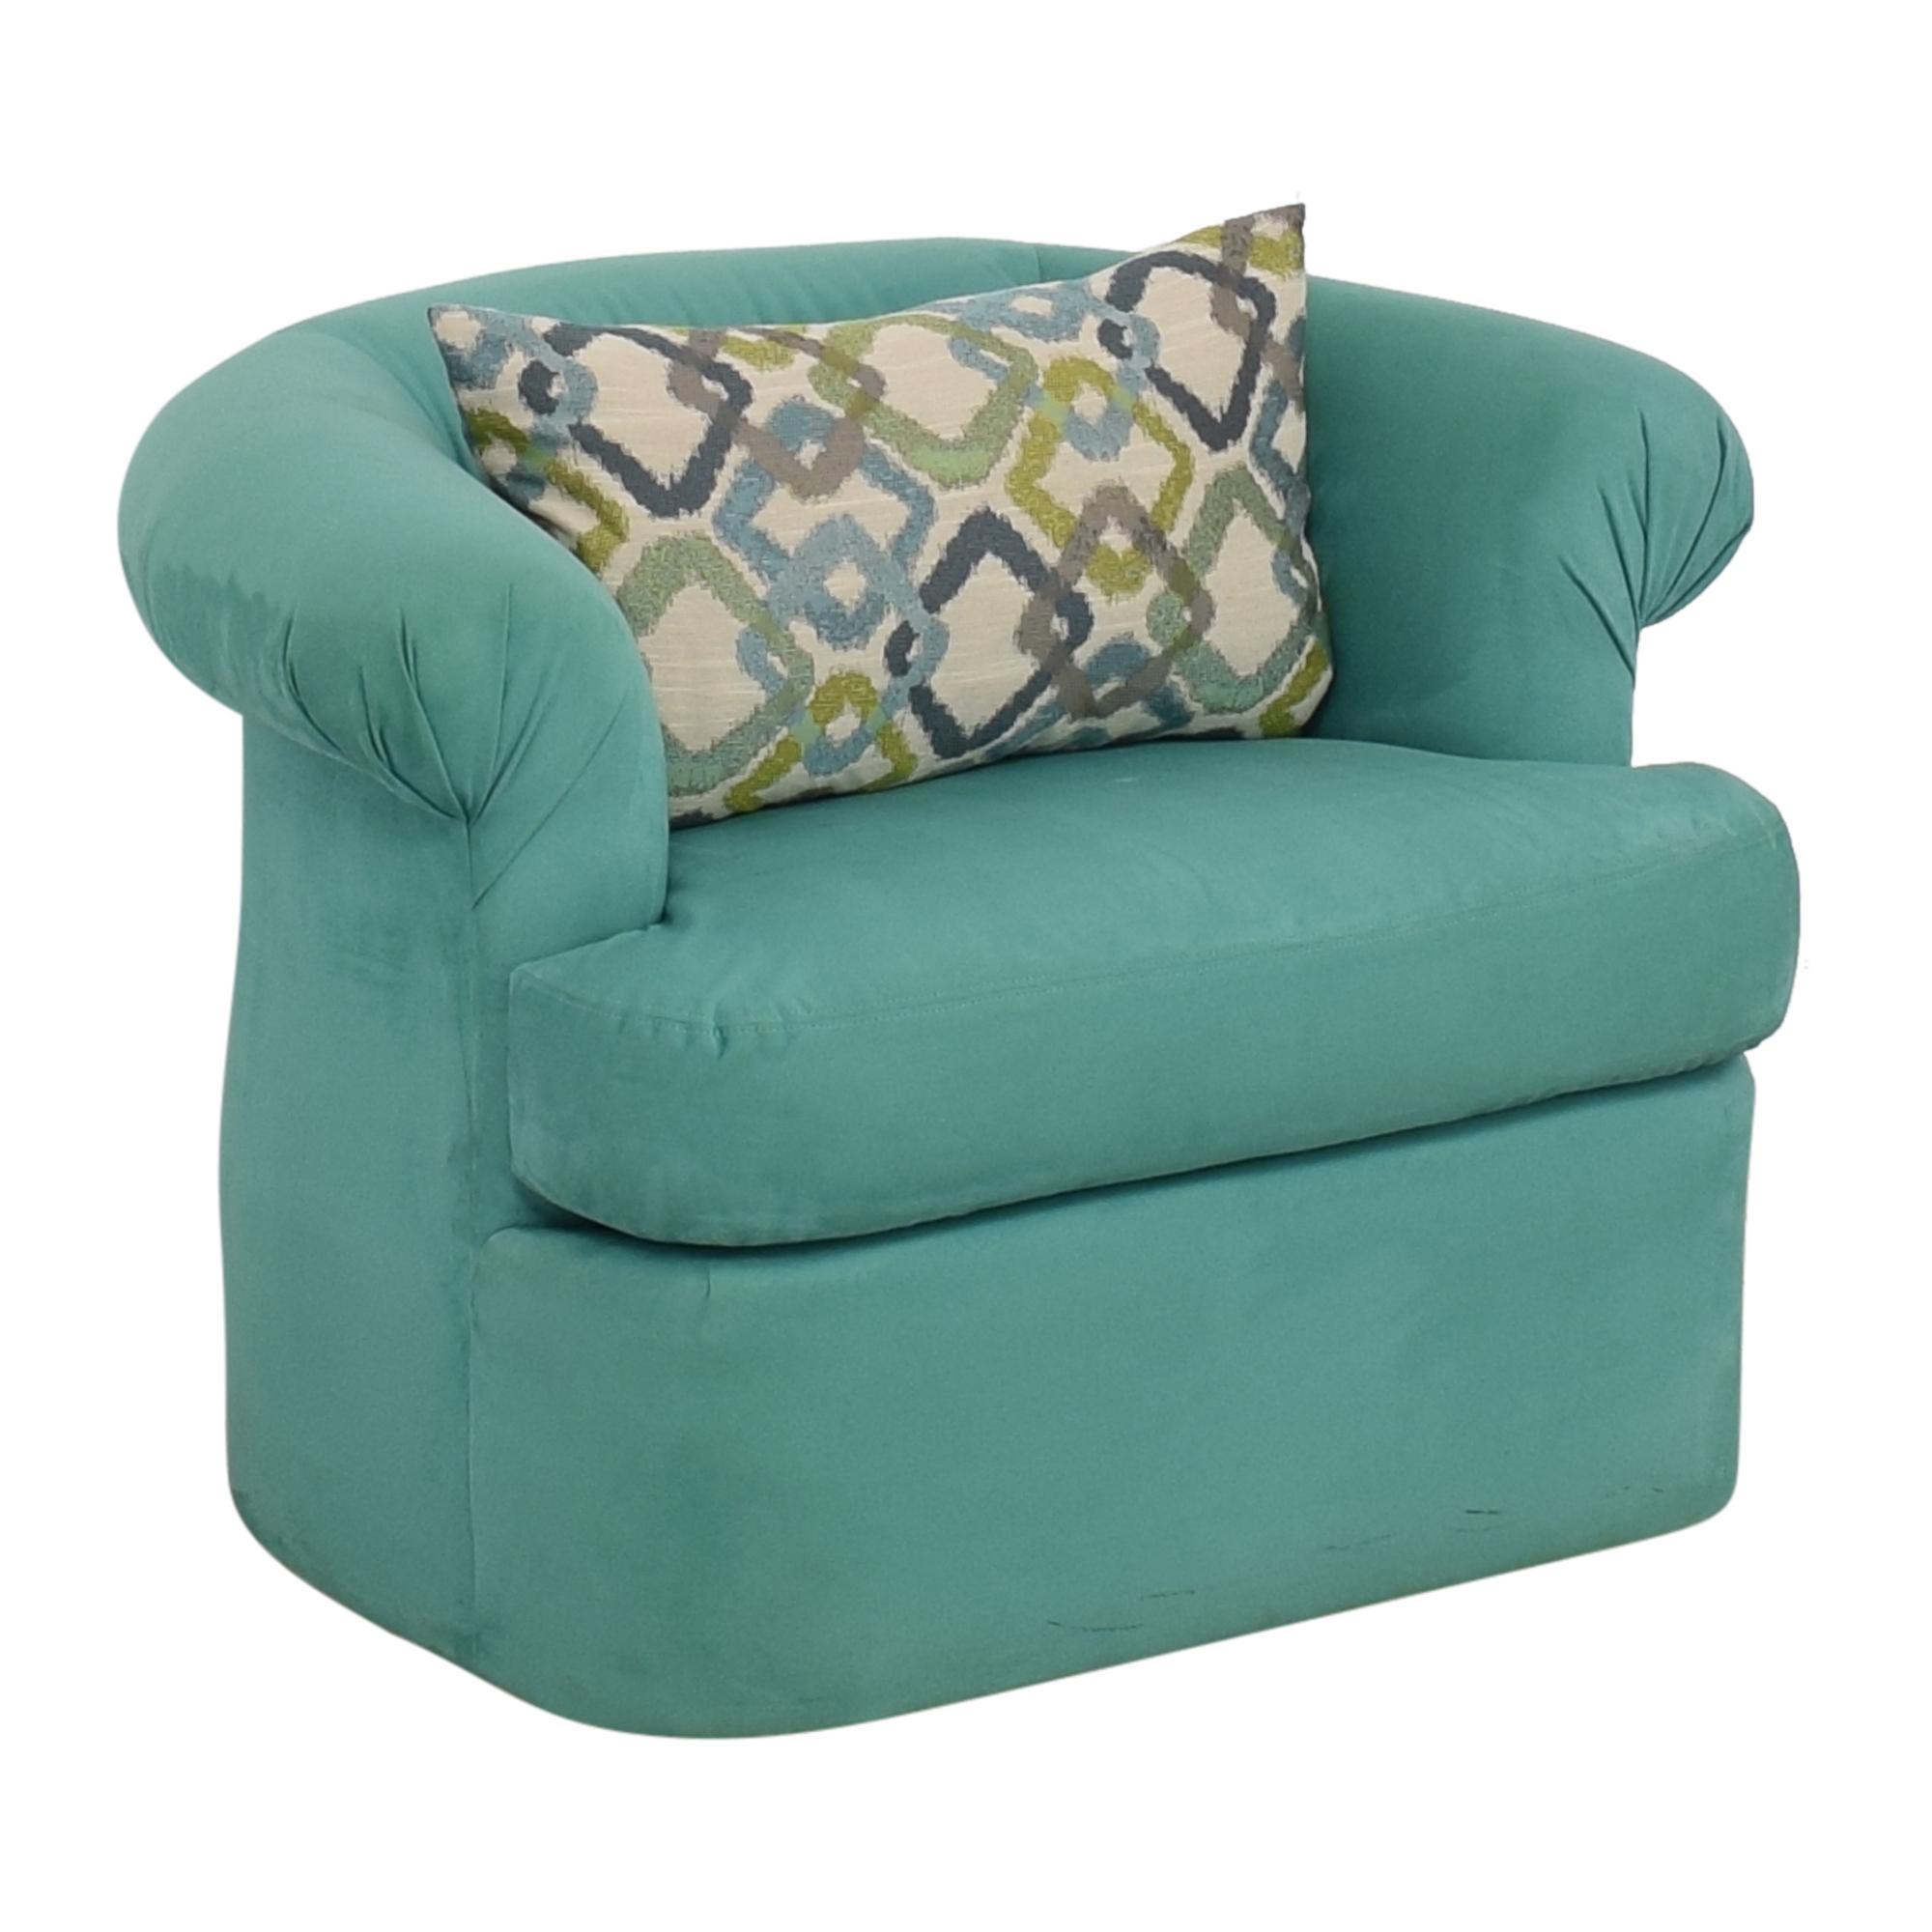 Directional Furniture Directional Furniture Suede Chair dimensions